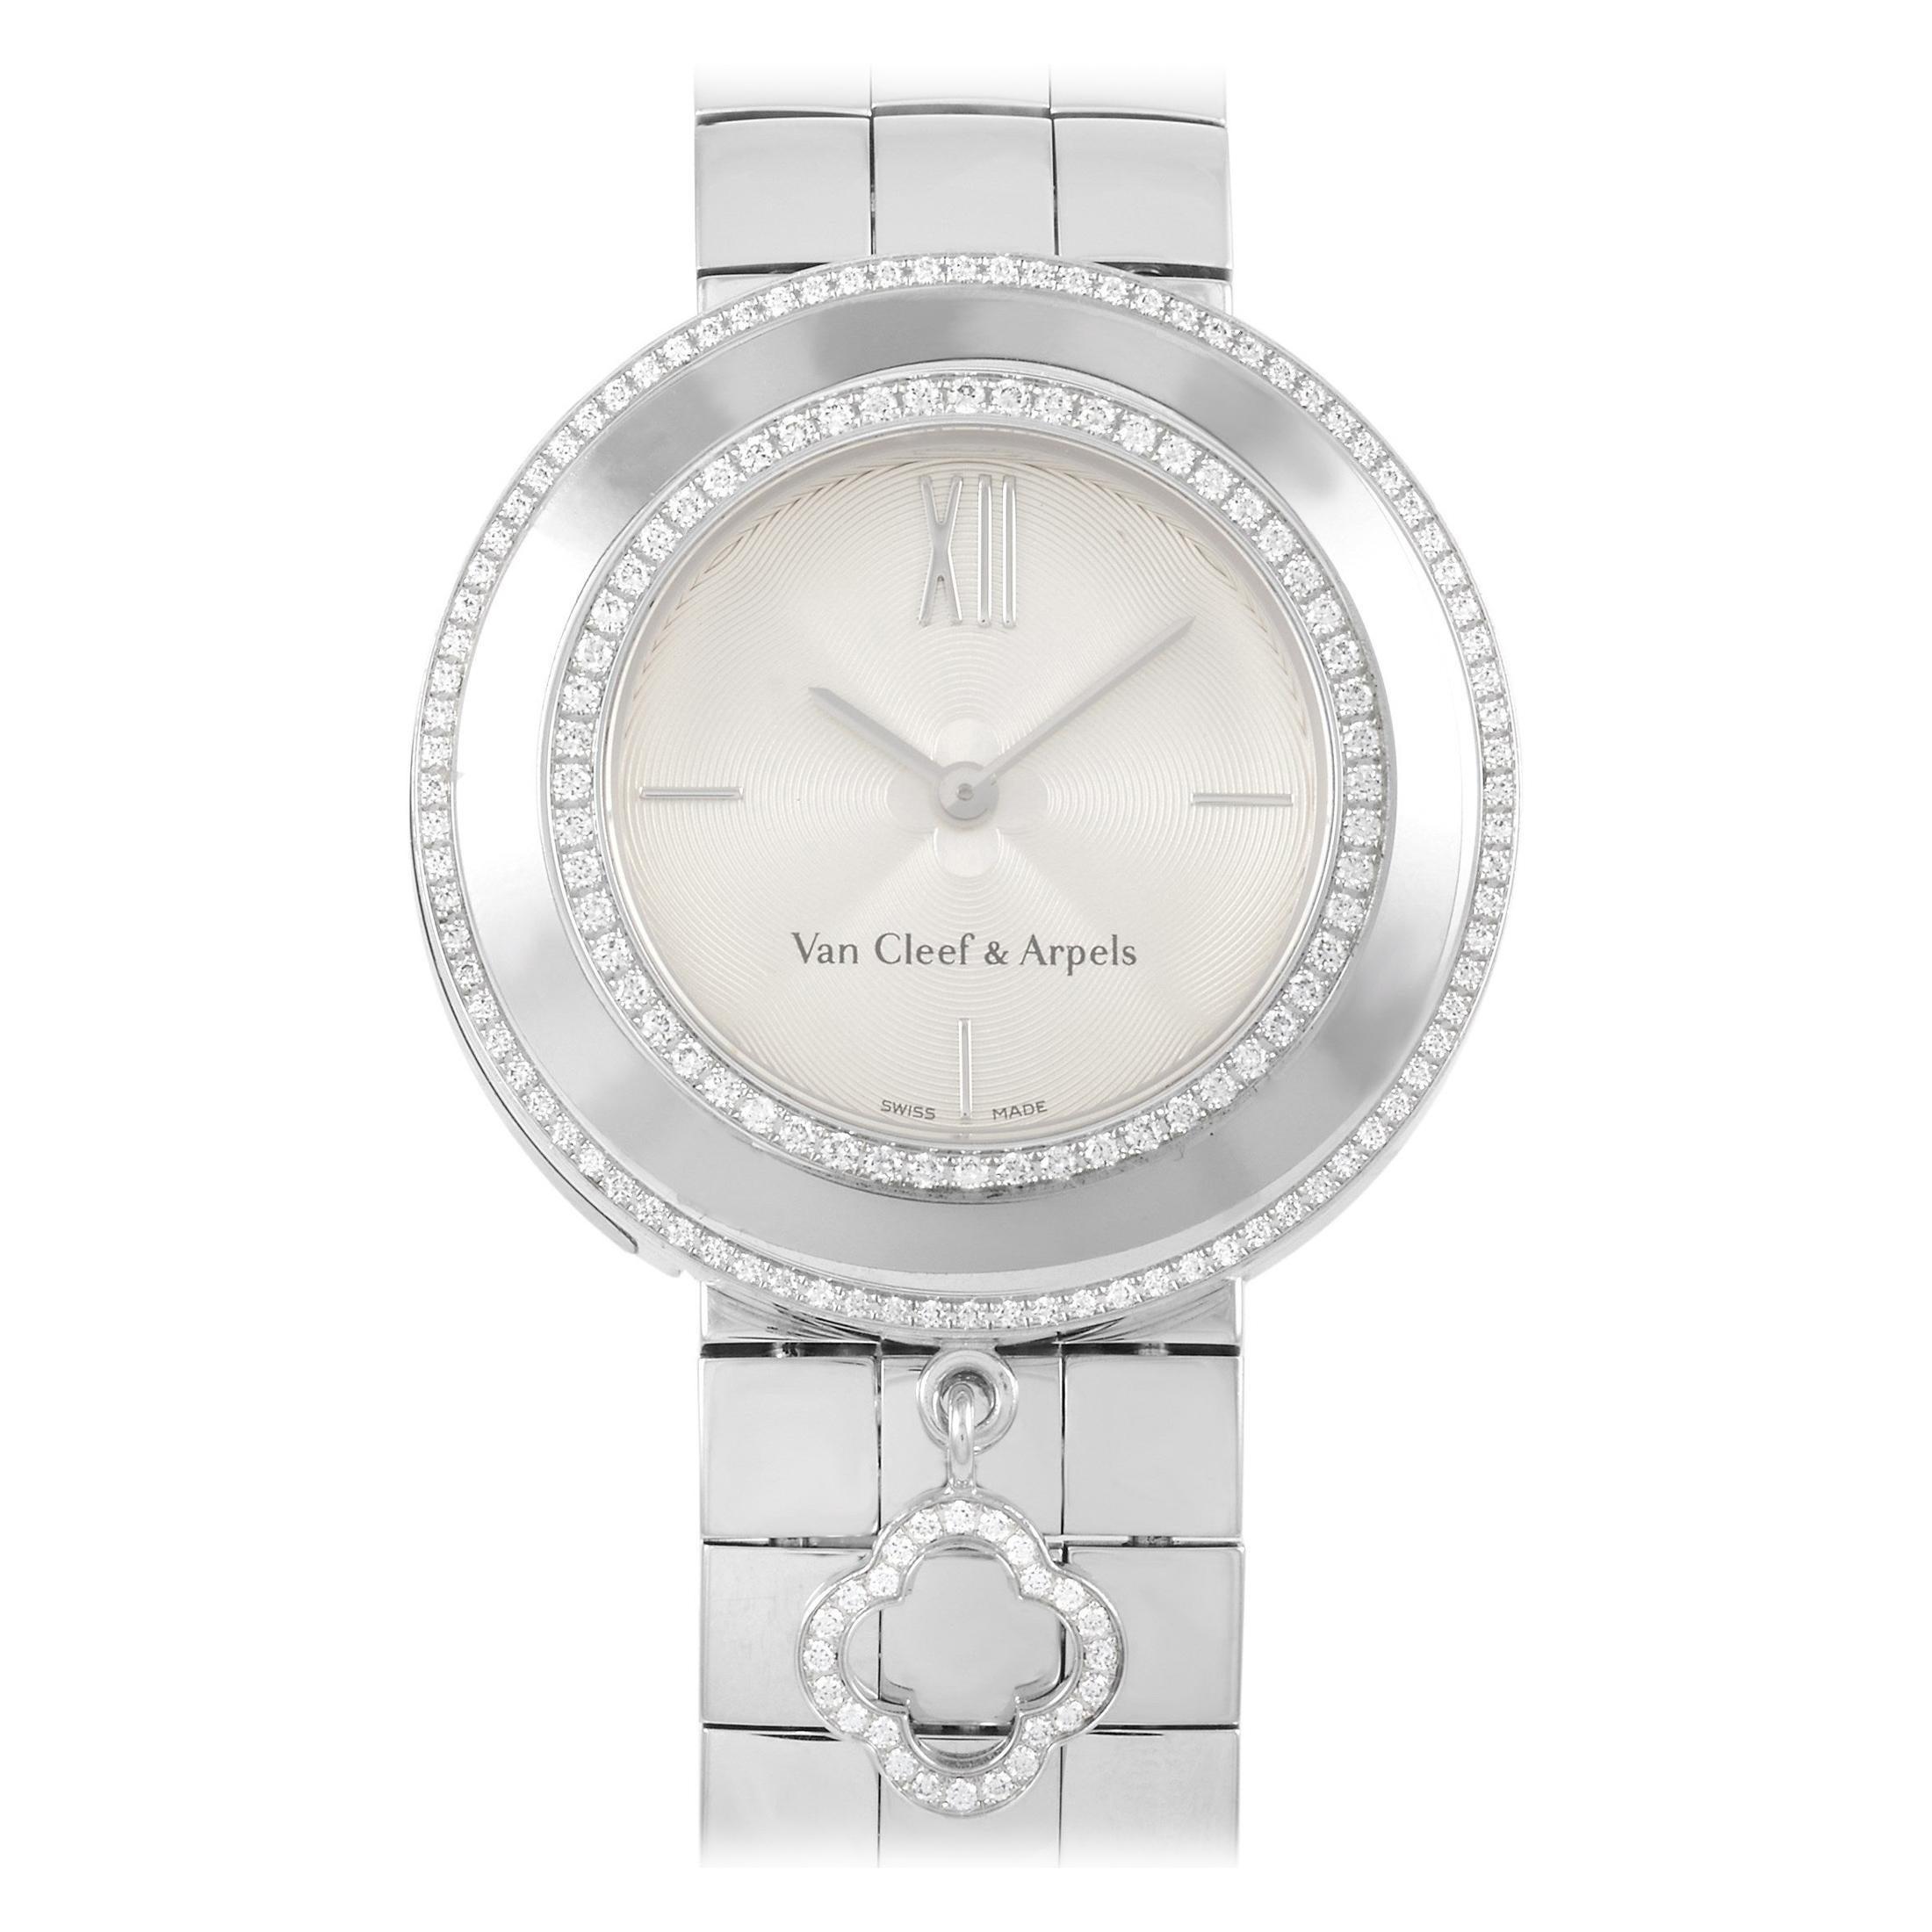 Van Cleef & Arpels 18 Karat White Gold Alhambra Charms Watch 3572114